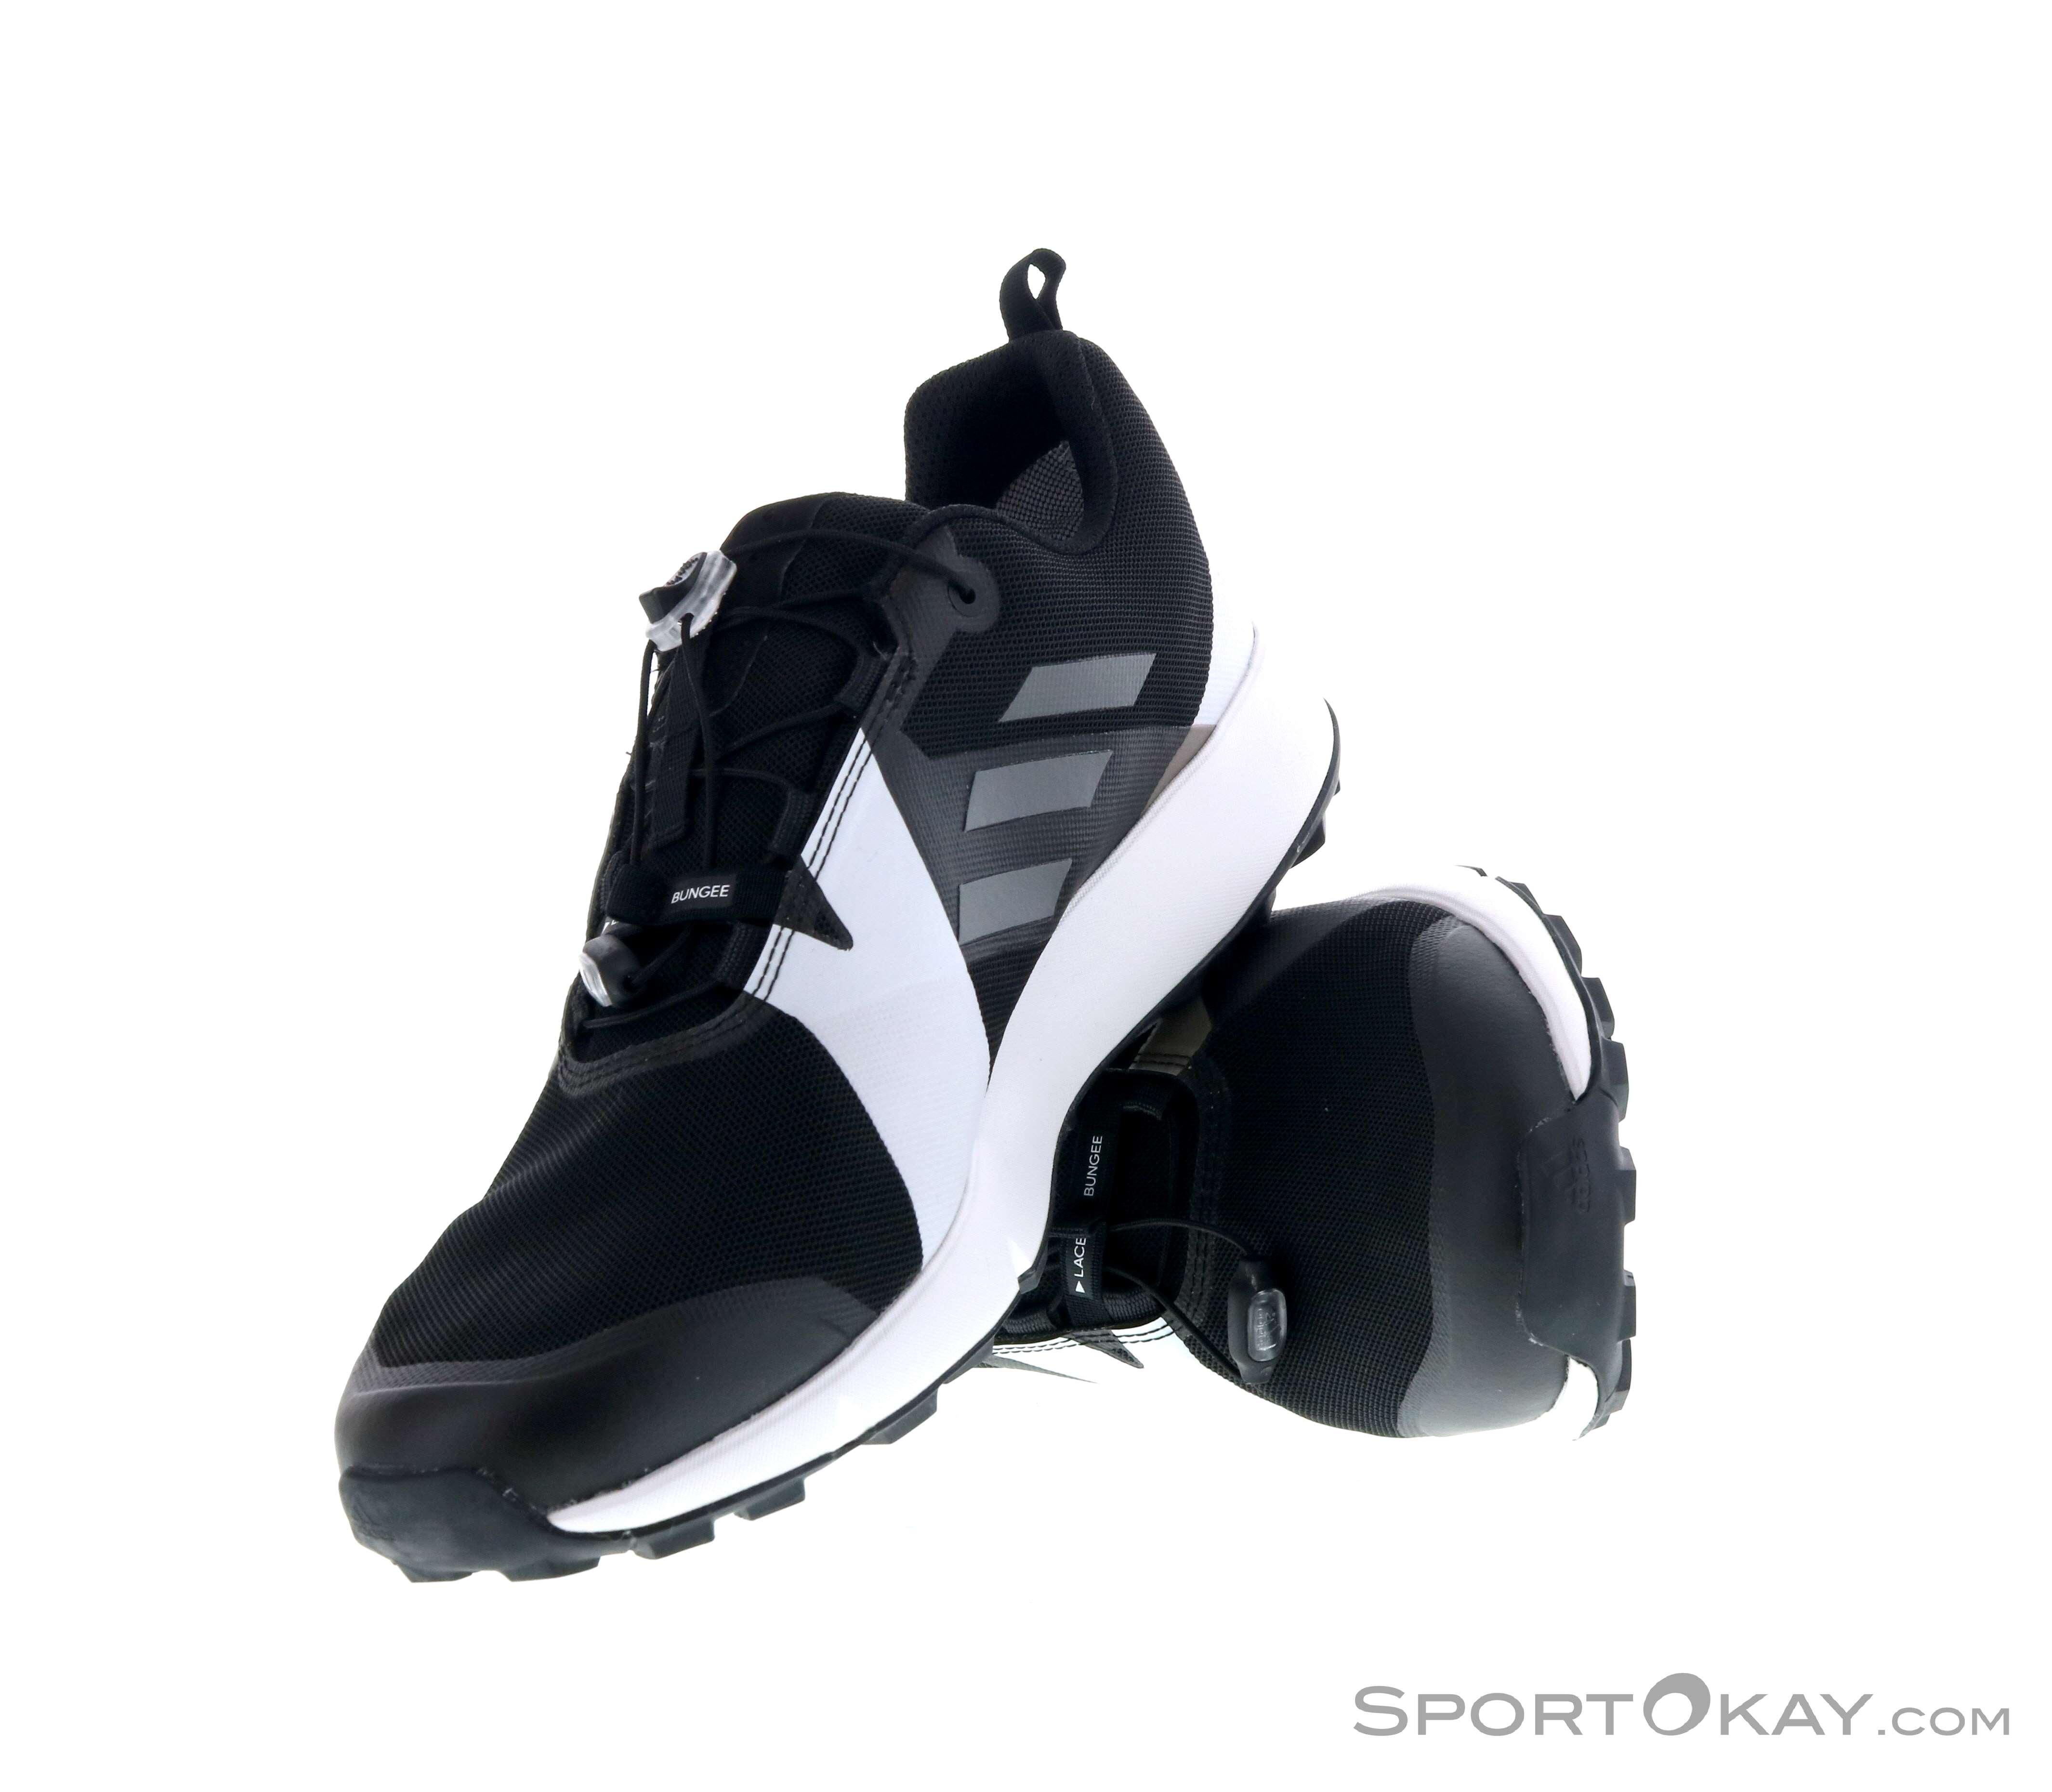 adidas Terrex Two GTX Mens Trail Running Shoes Gore Tex